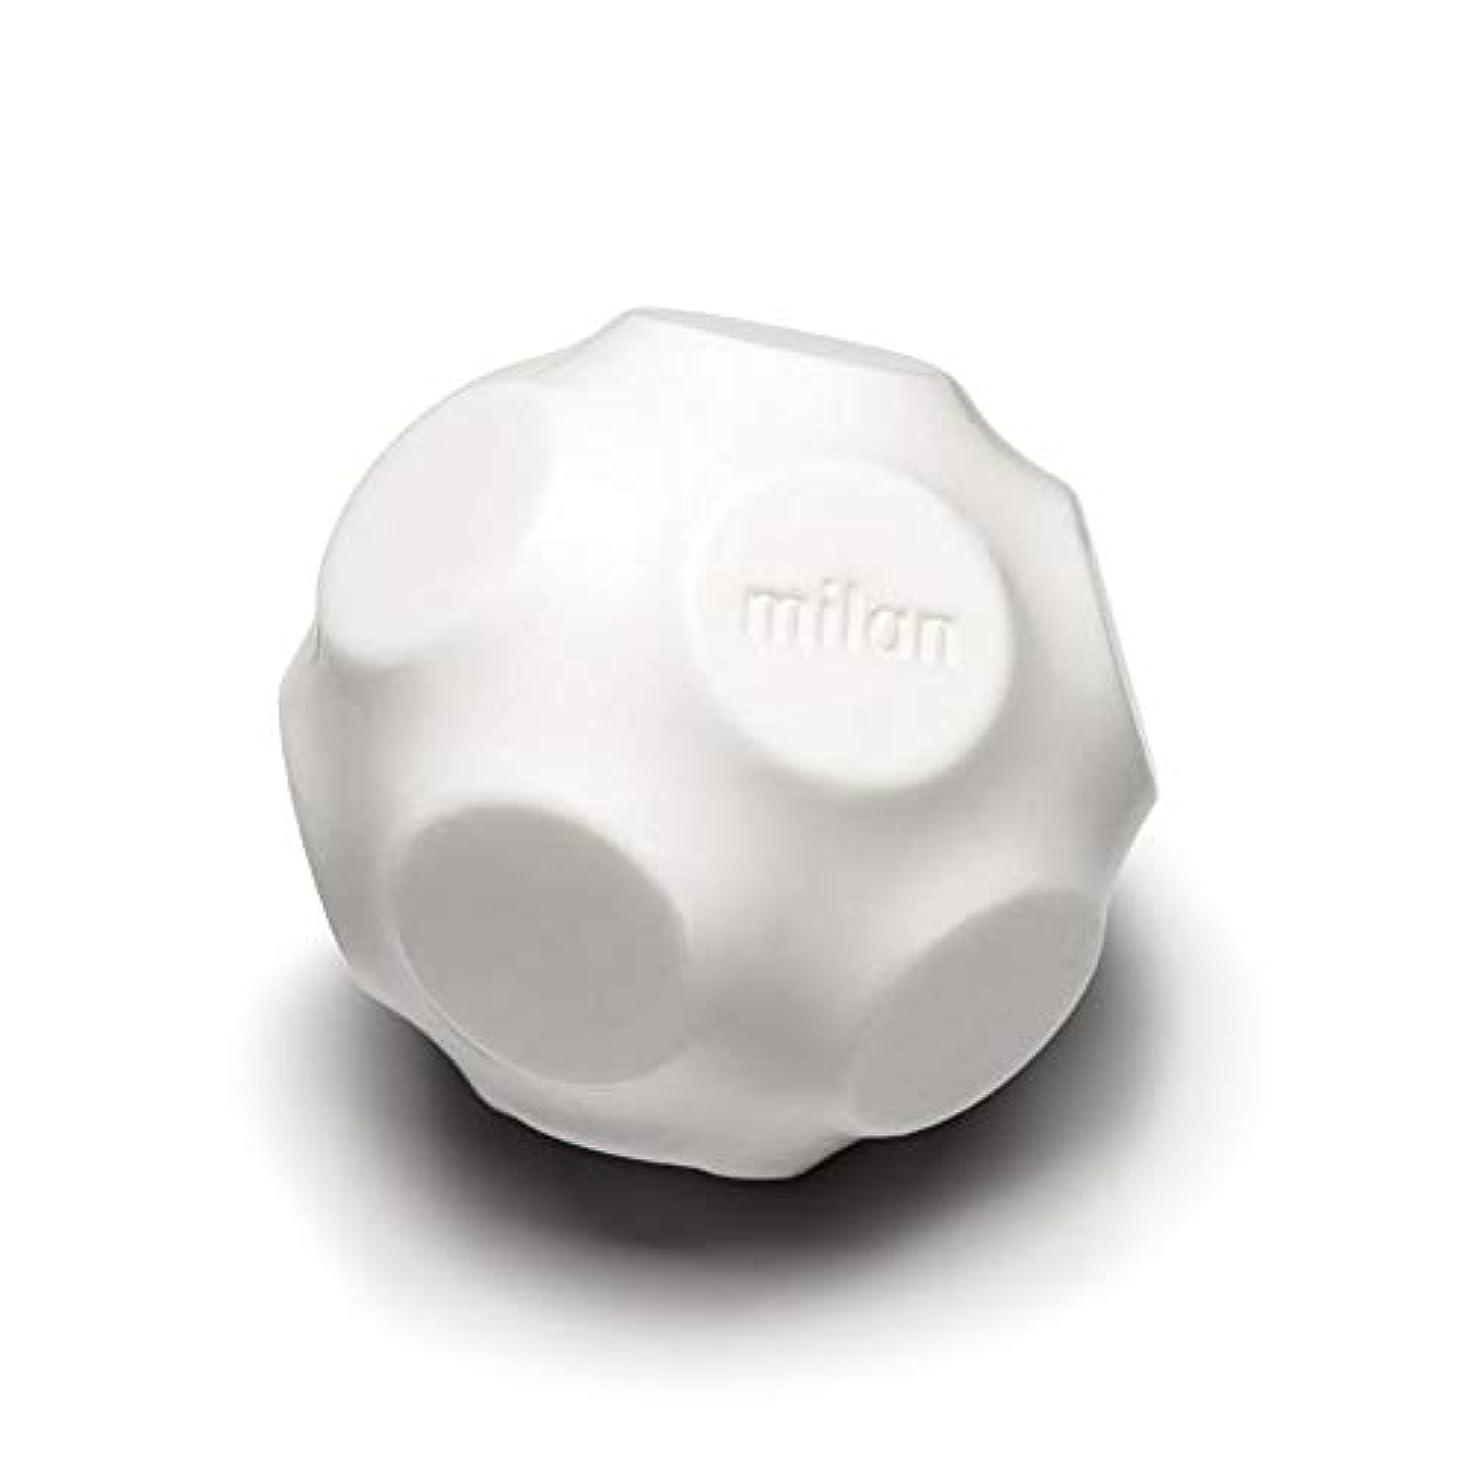 アトム橋差別的Maison Milan SIMONA ダイヤモンド粉 ホワイト 石鹸